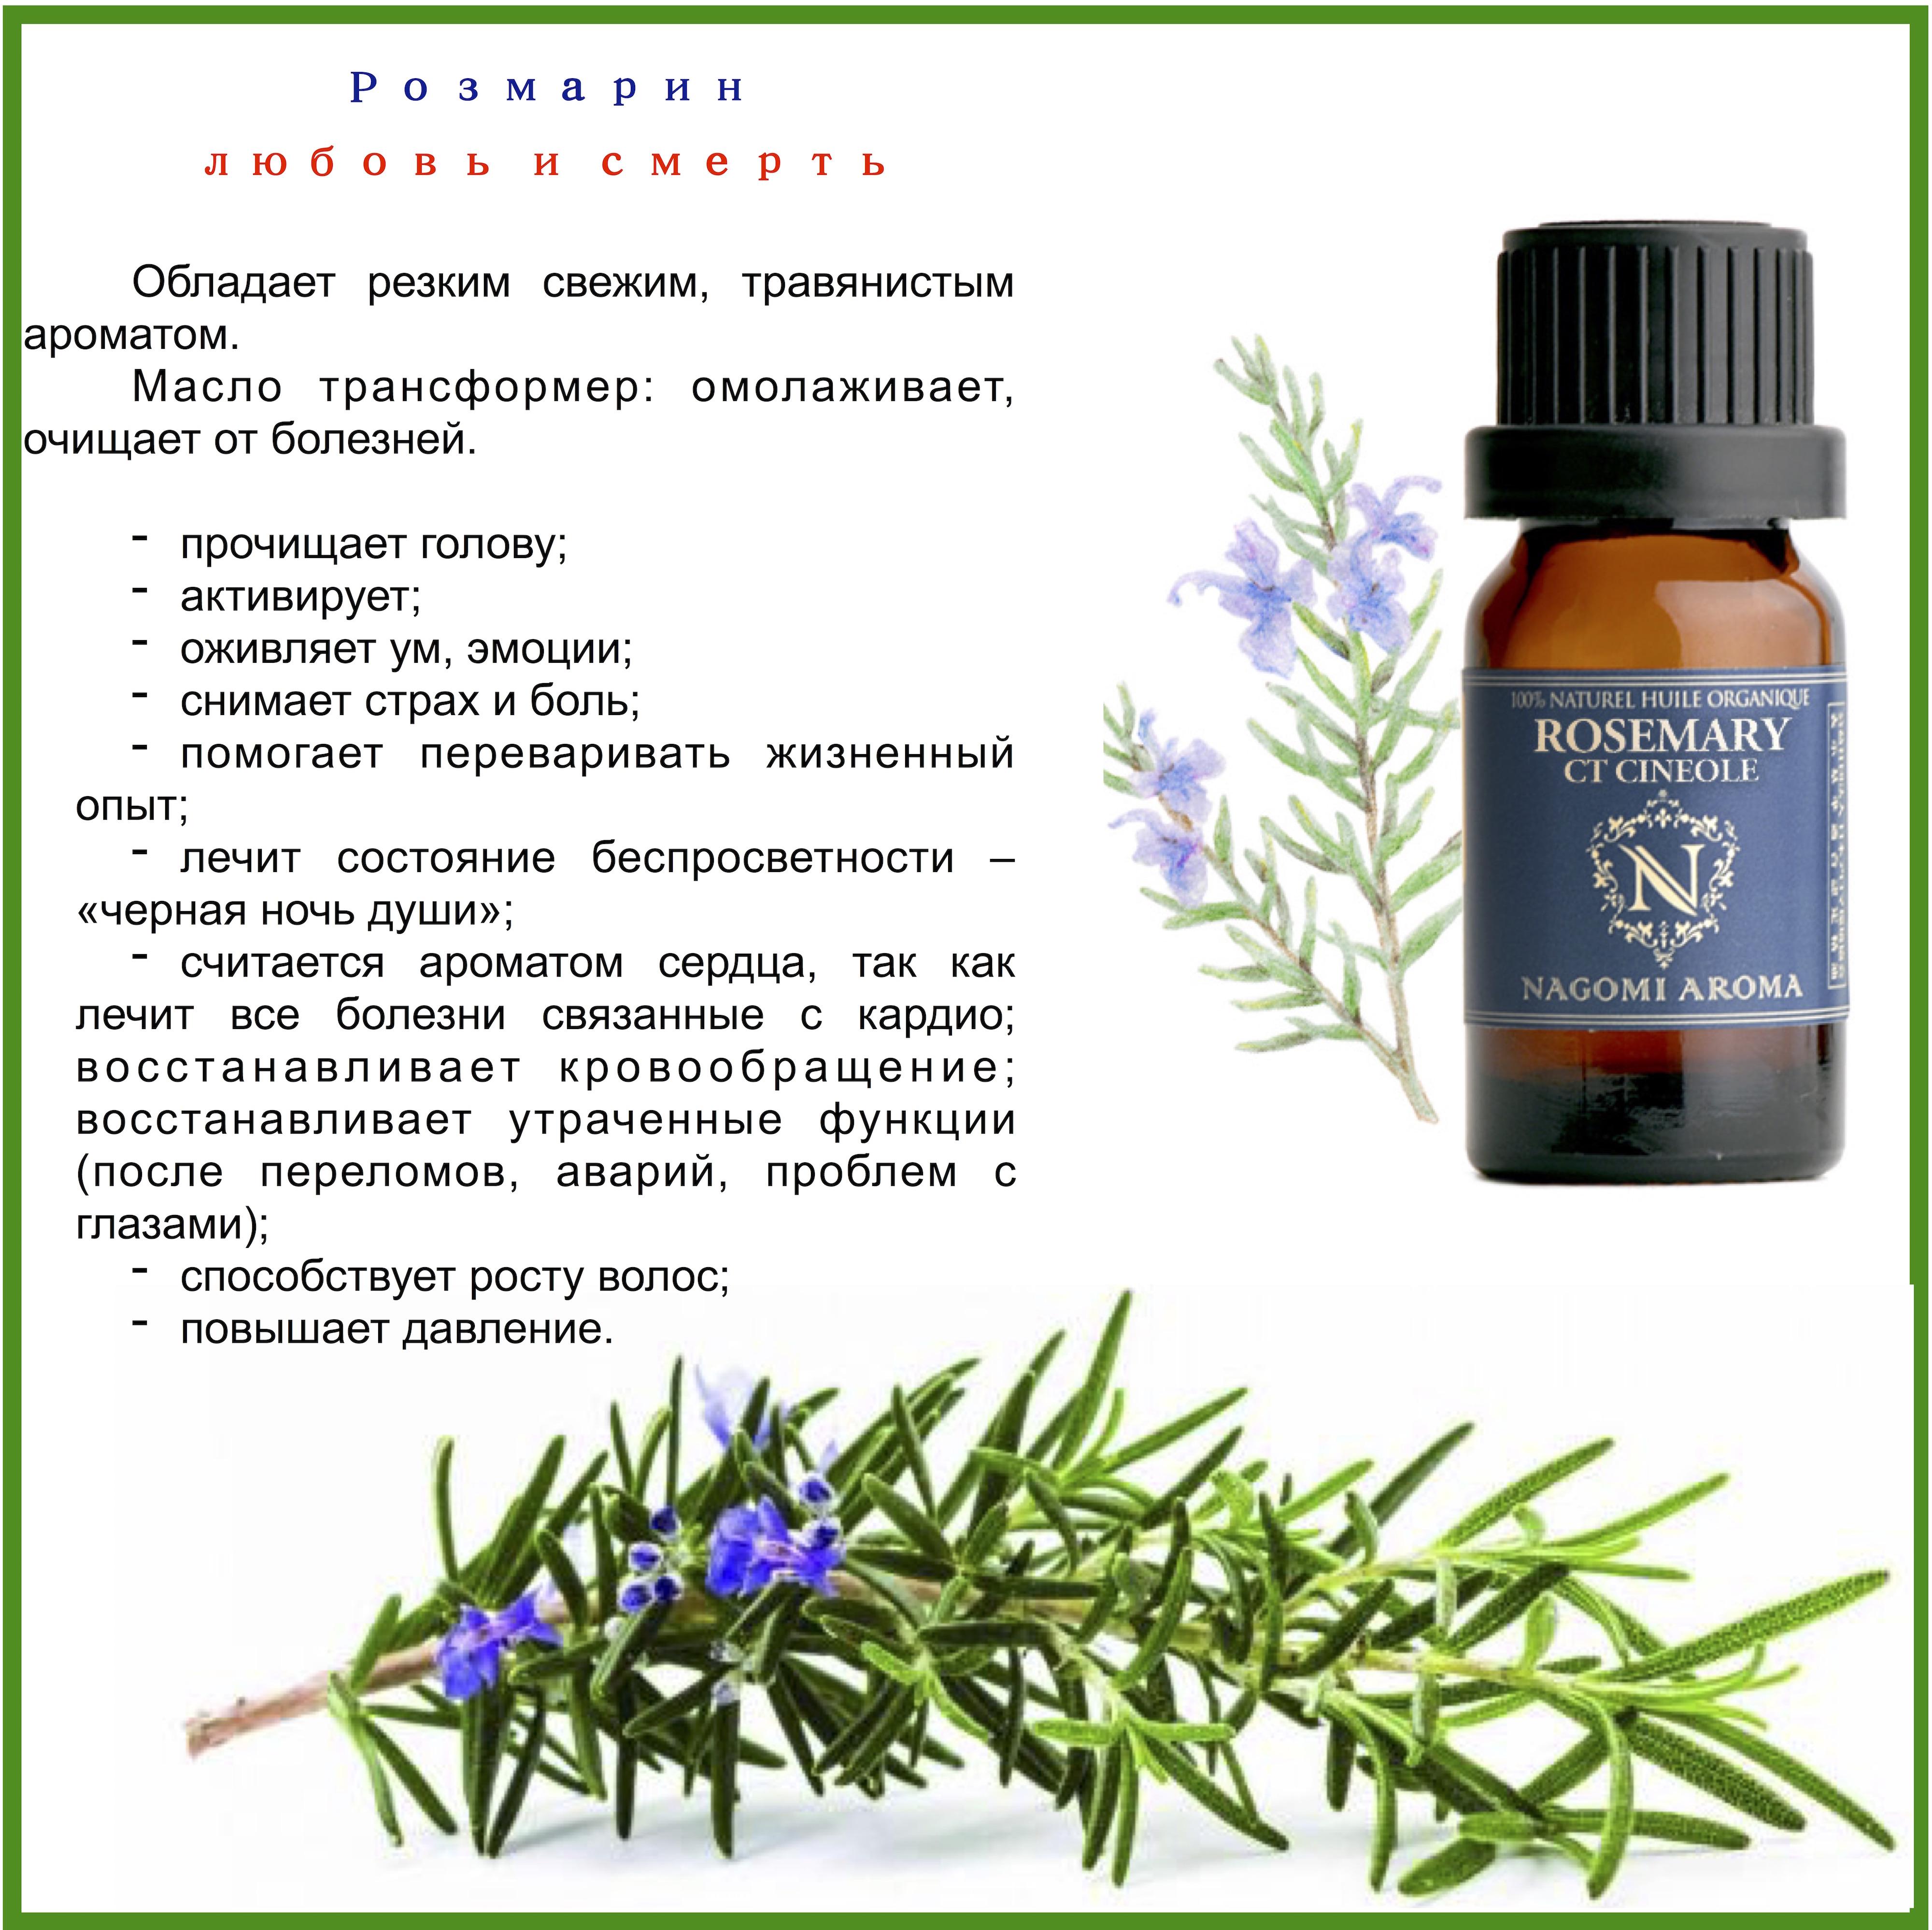 Розмарин — лечебные свойства и противопоказания, польза и вред травы